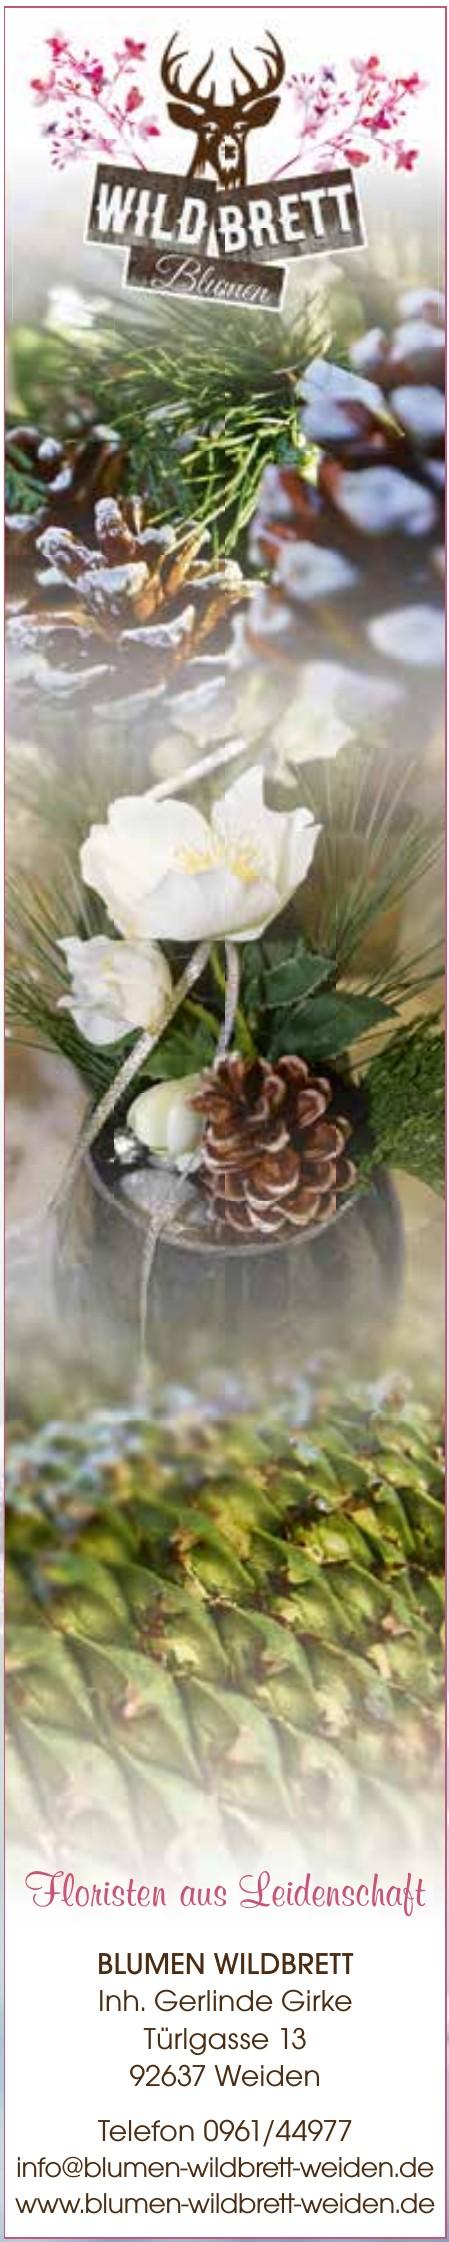 Blumen Wildbrett - Inh. Gerlinde Girke